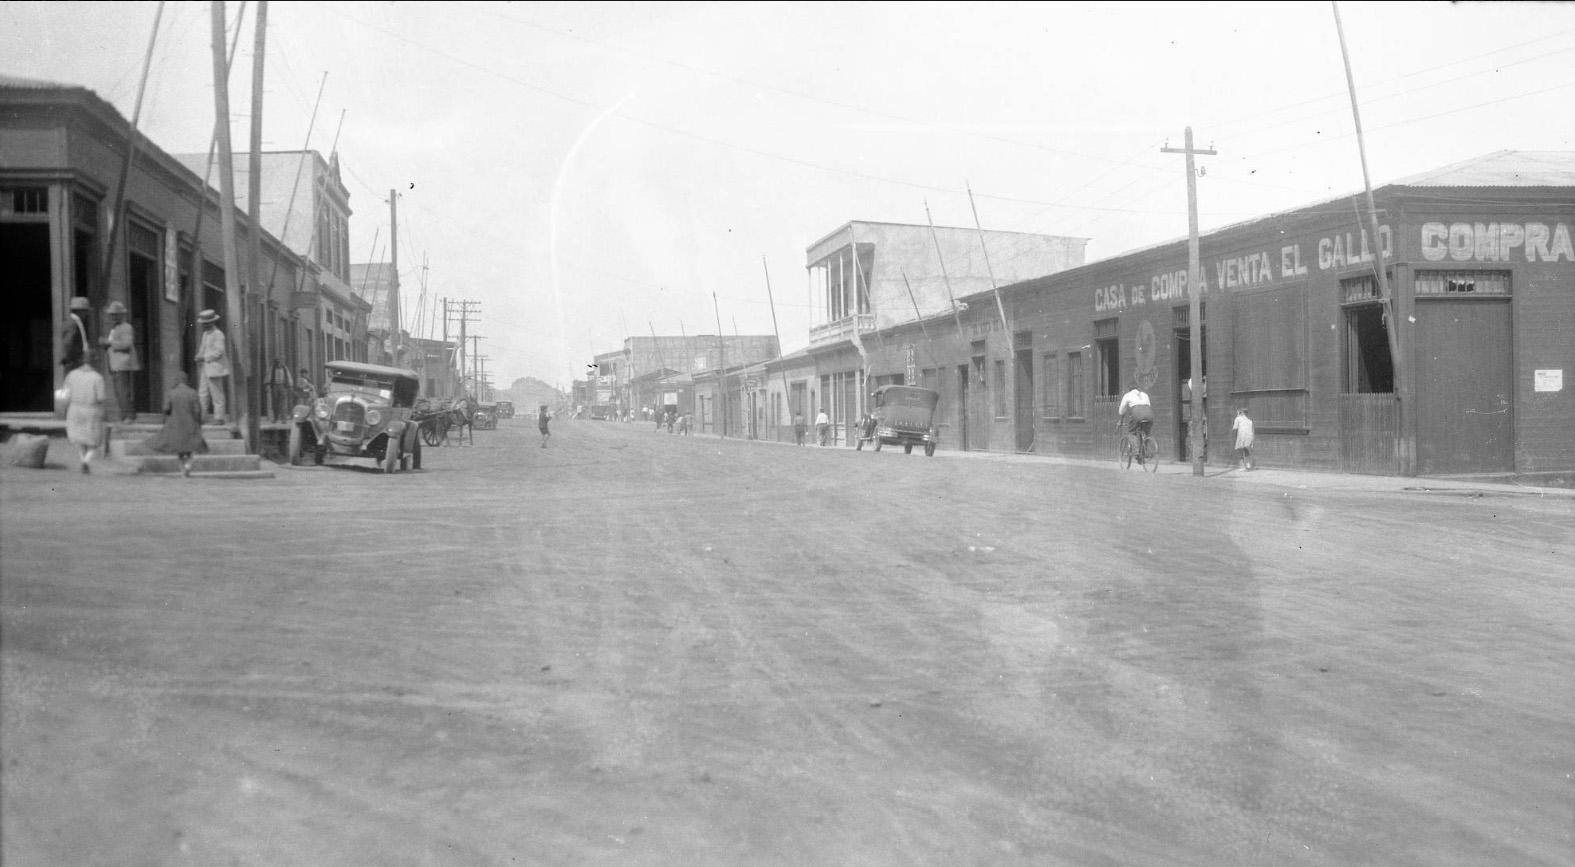 Enterreno - Fotos históricas de chile - fotos antiguas de Chile - Tocopilla en 1928